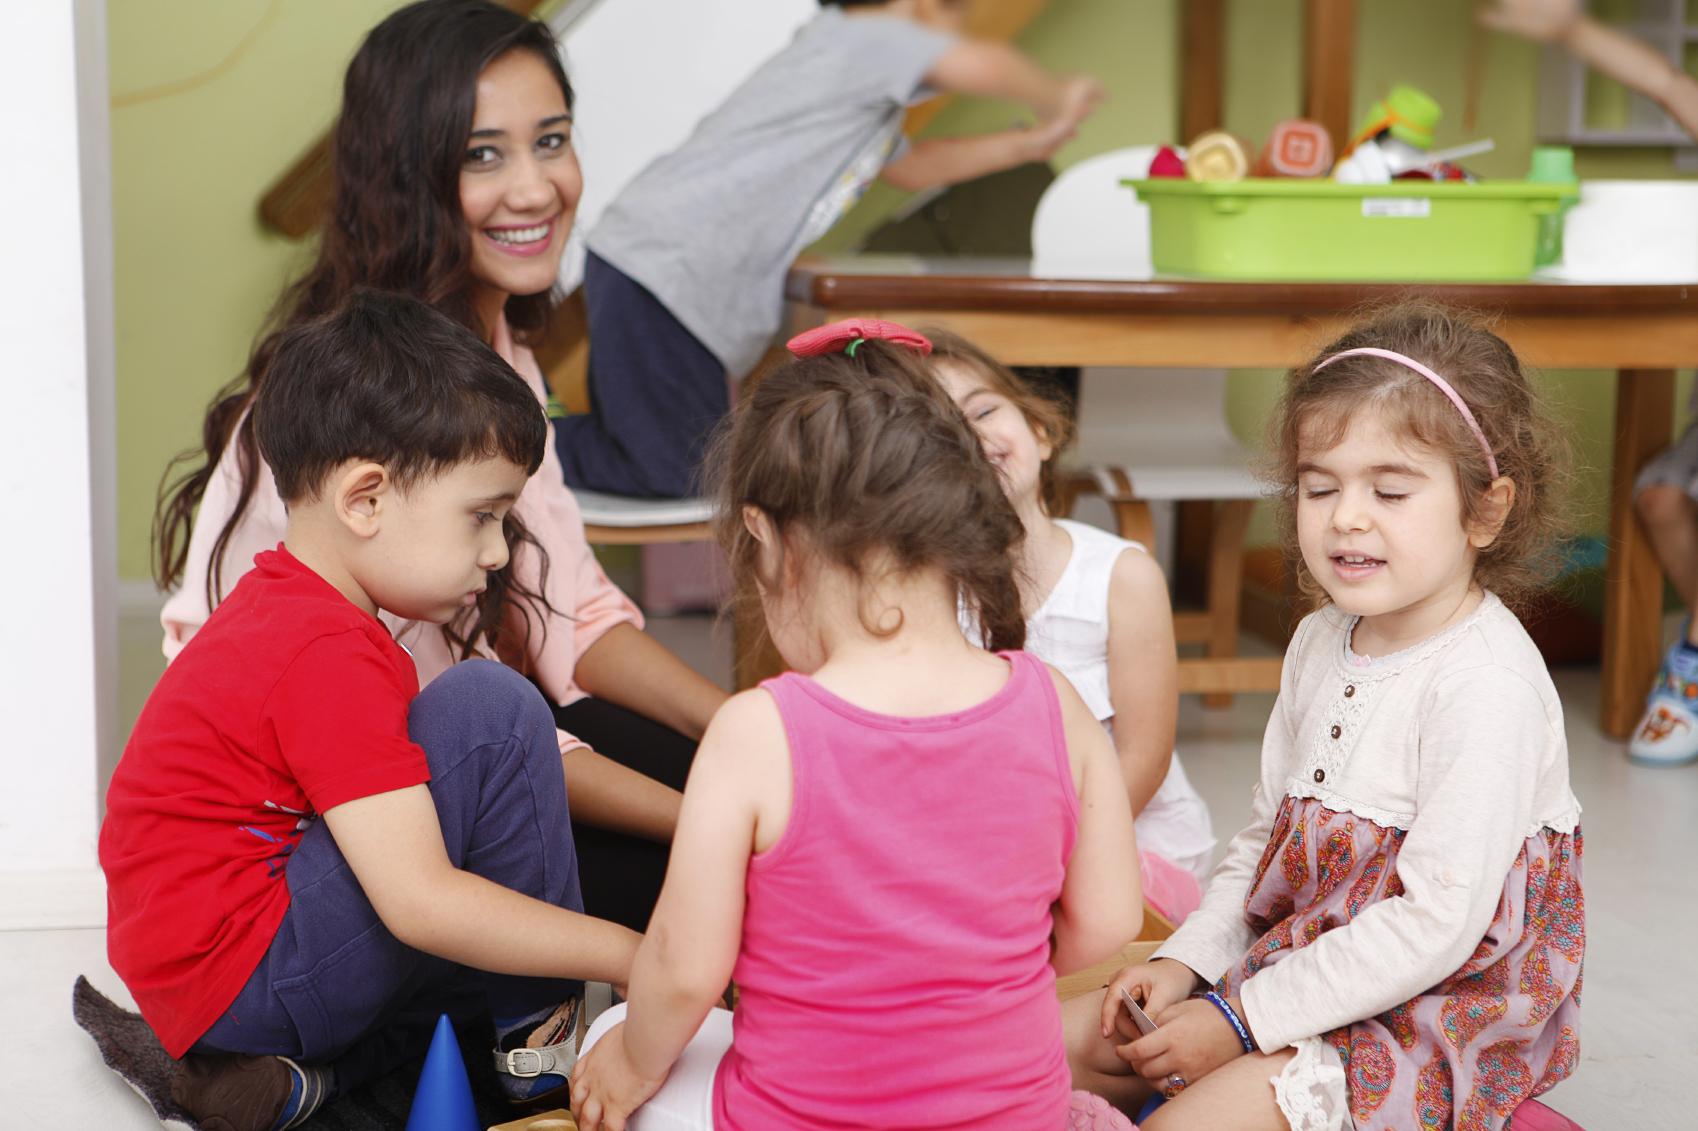 La escuela infantil o guardería, un recurso para conciliar